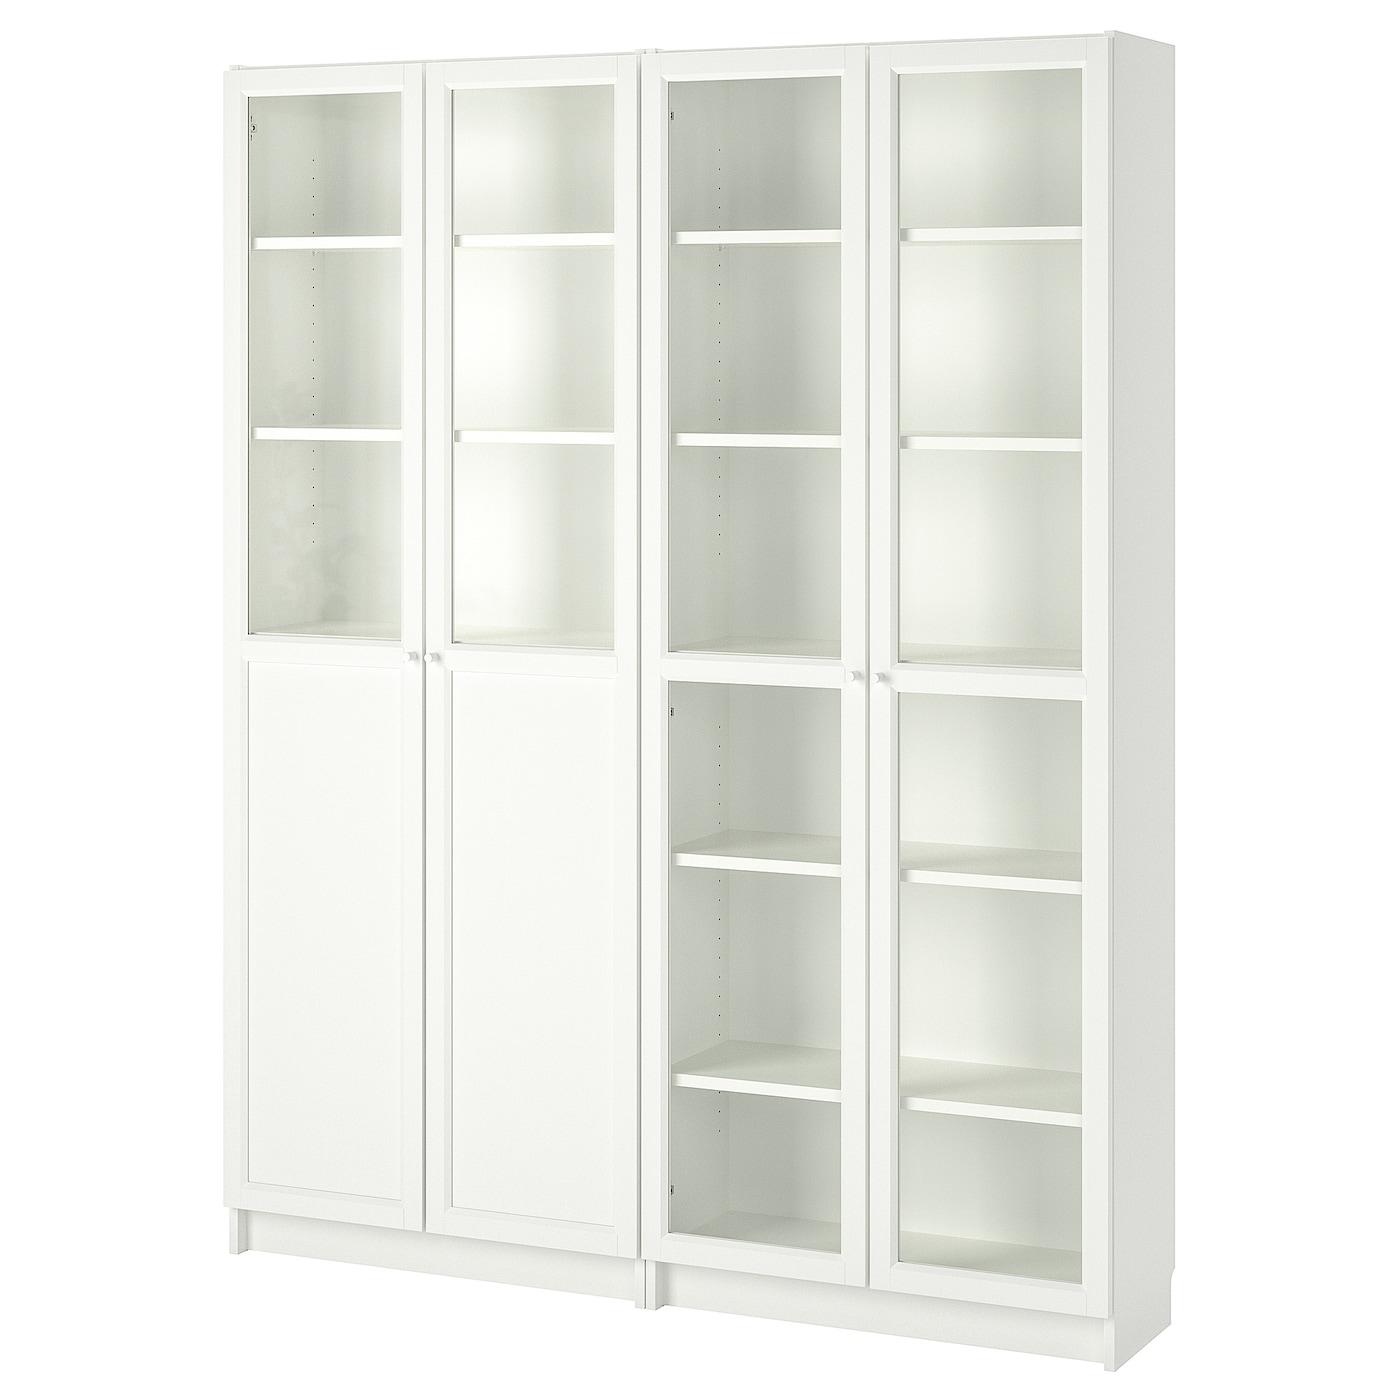 ikea billyoxberg boekenkast paneel vitrinedeuren verstelbare planken naar behoefte aan te